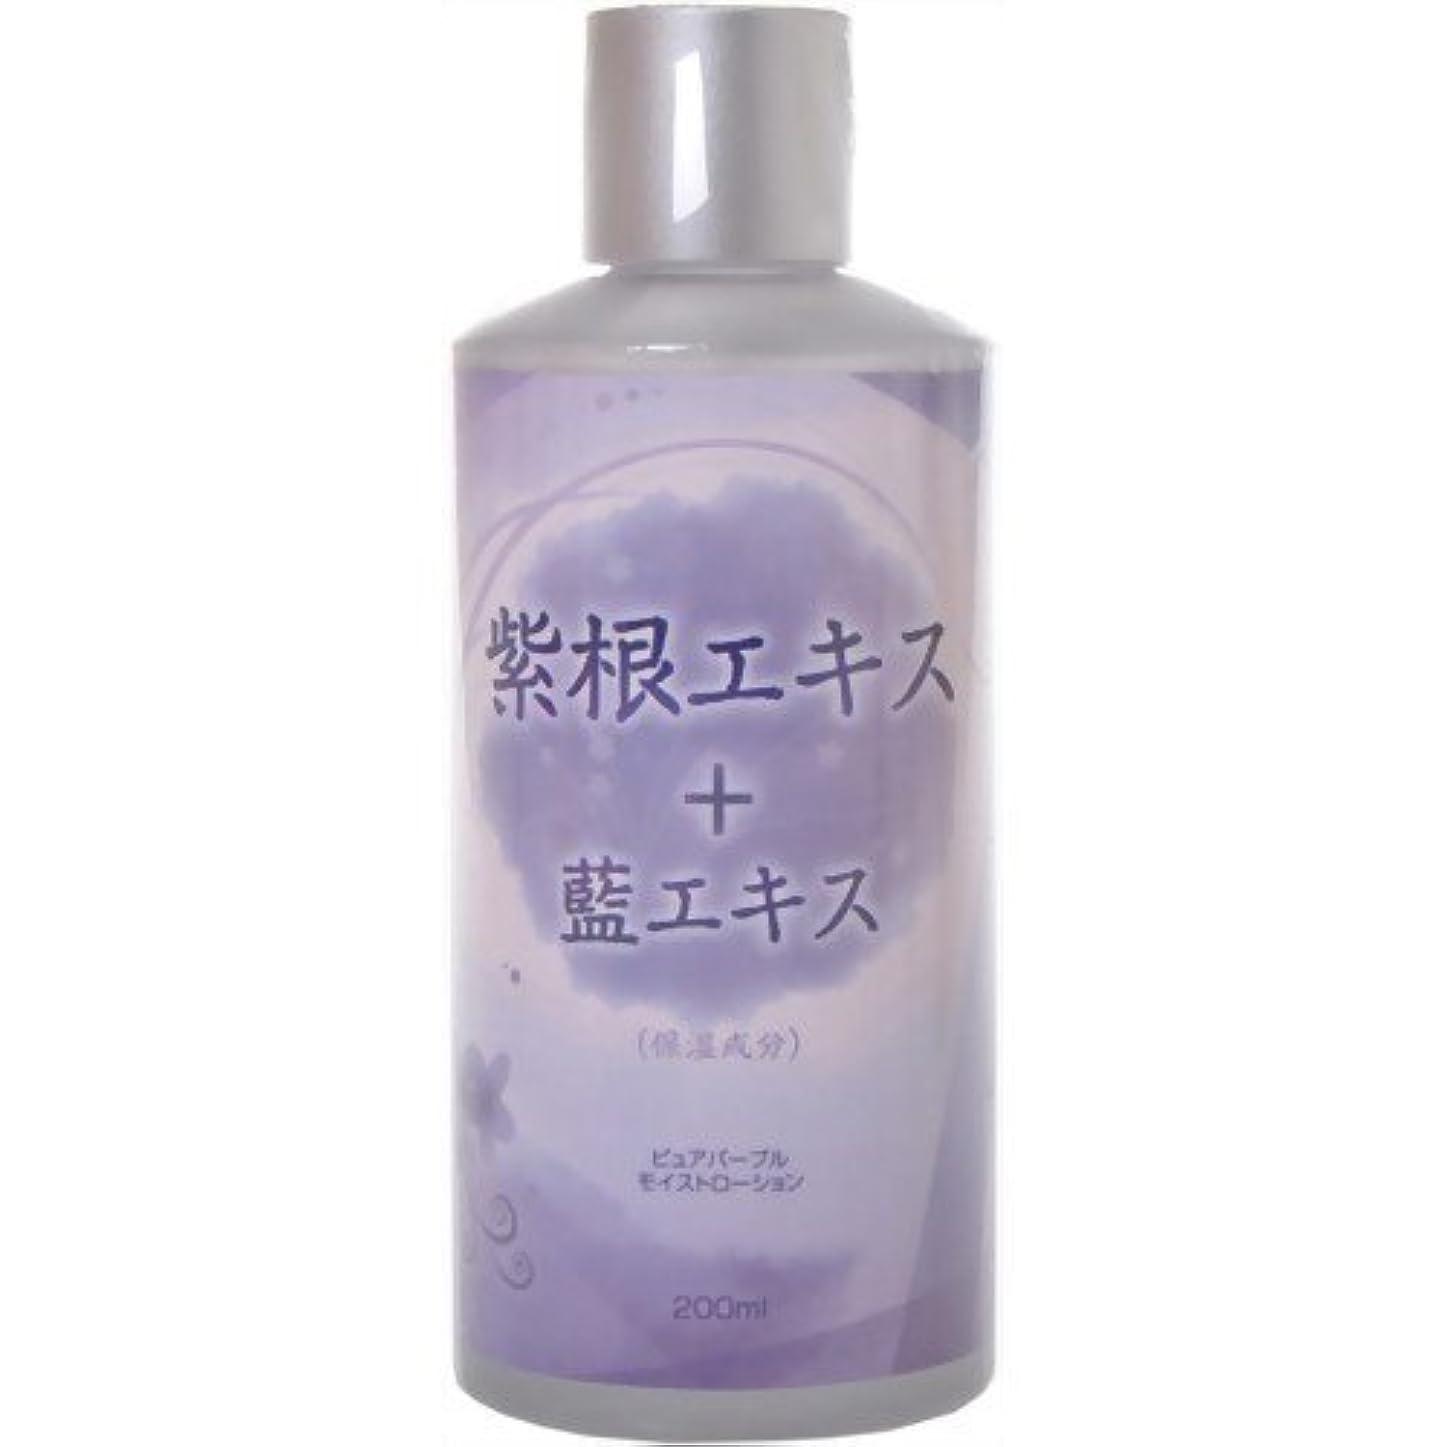 ギャップ魅惑的なマーガレットミッチェルピュアP モイストローション(紫根エキス+藍エキス)